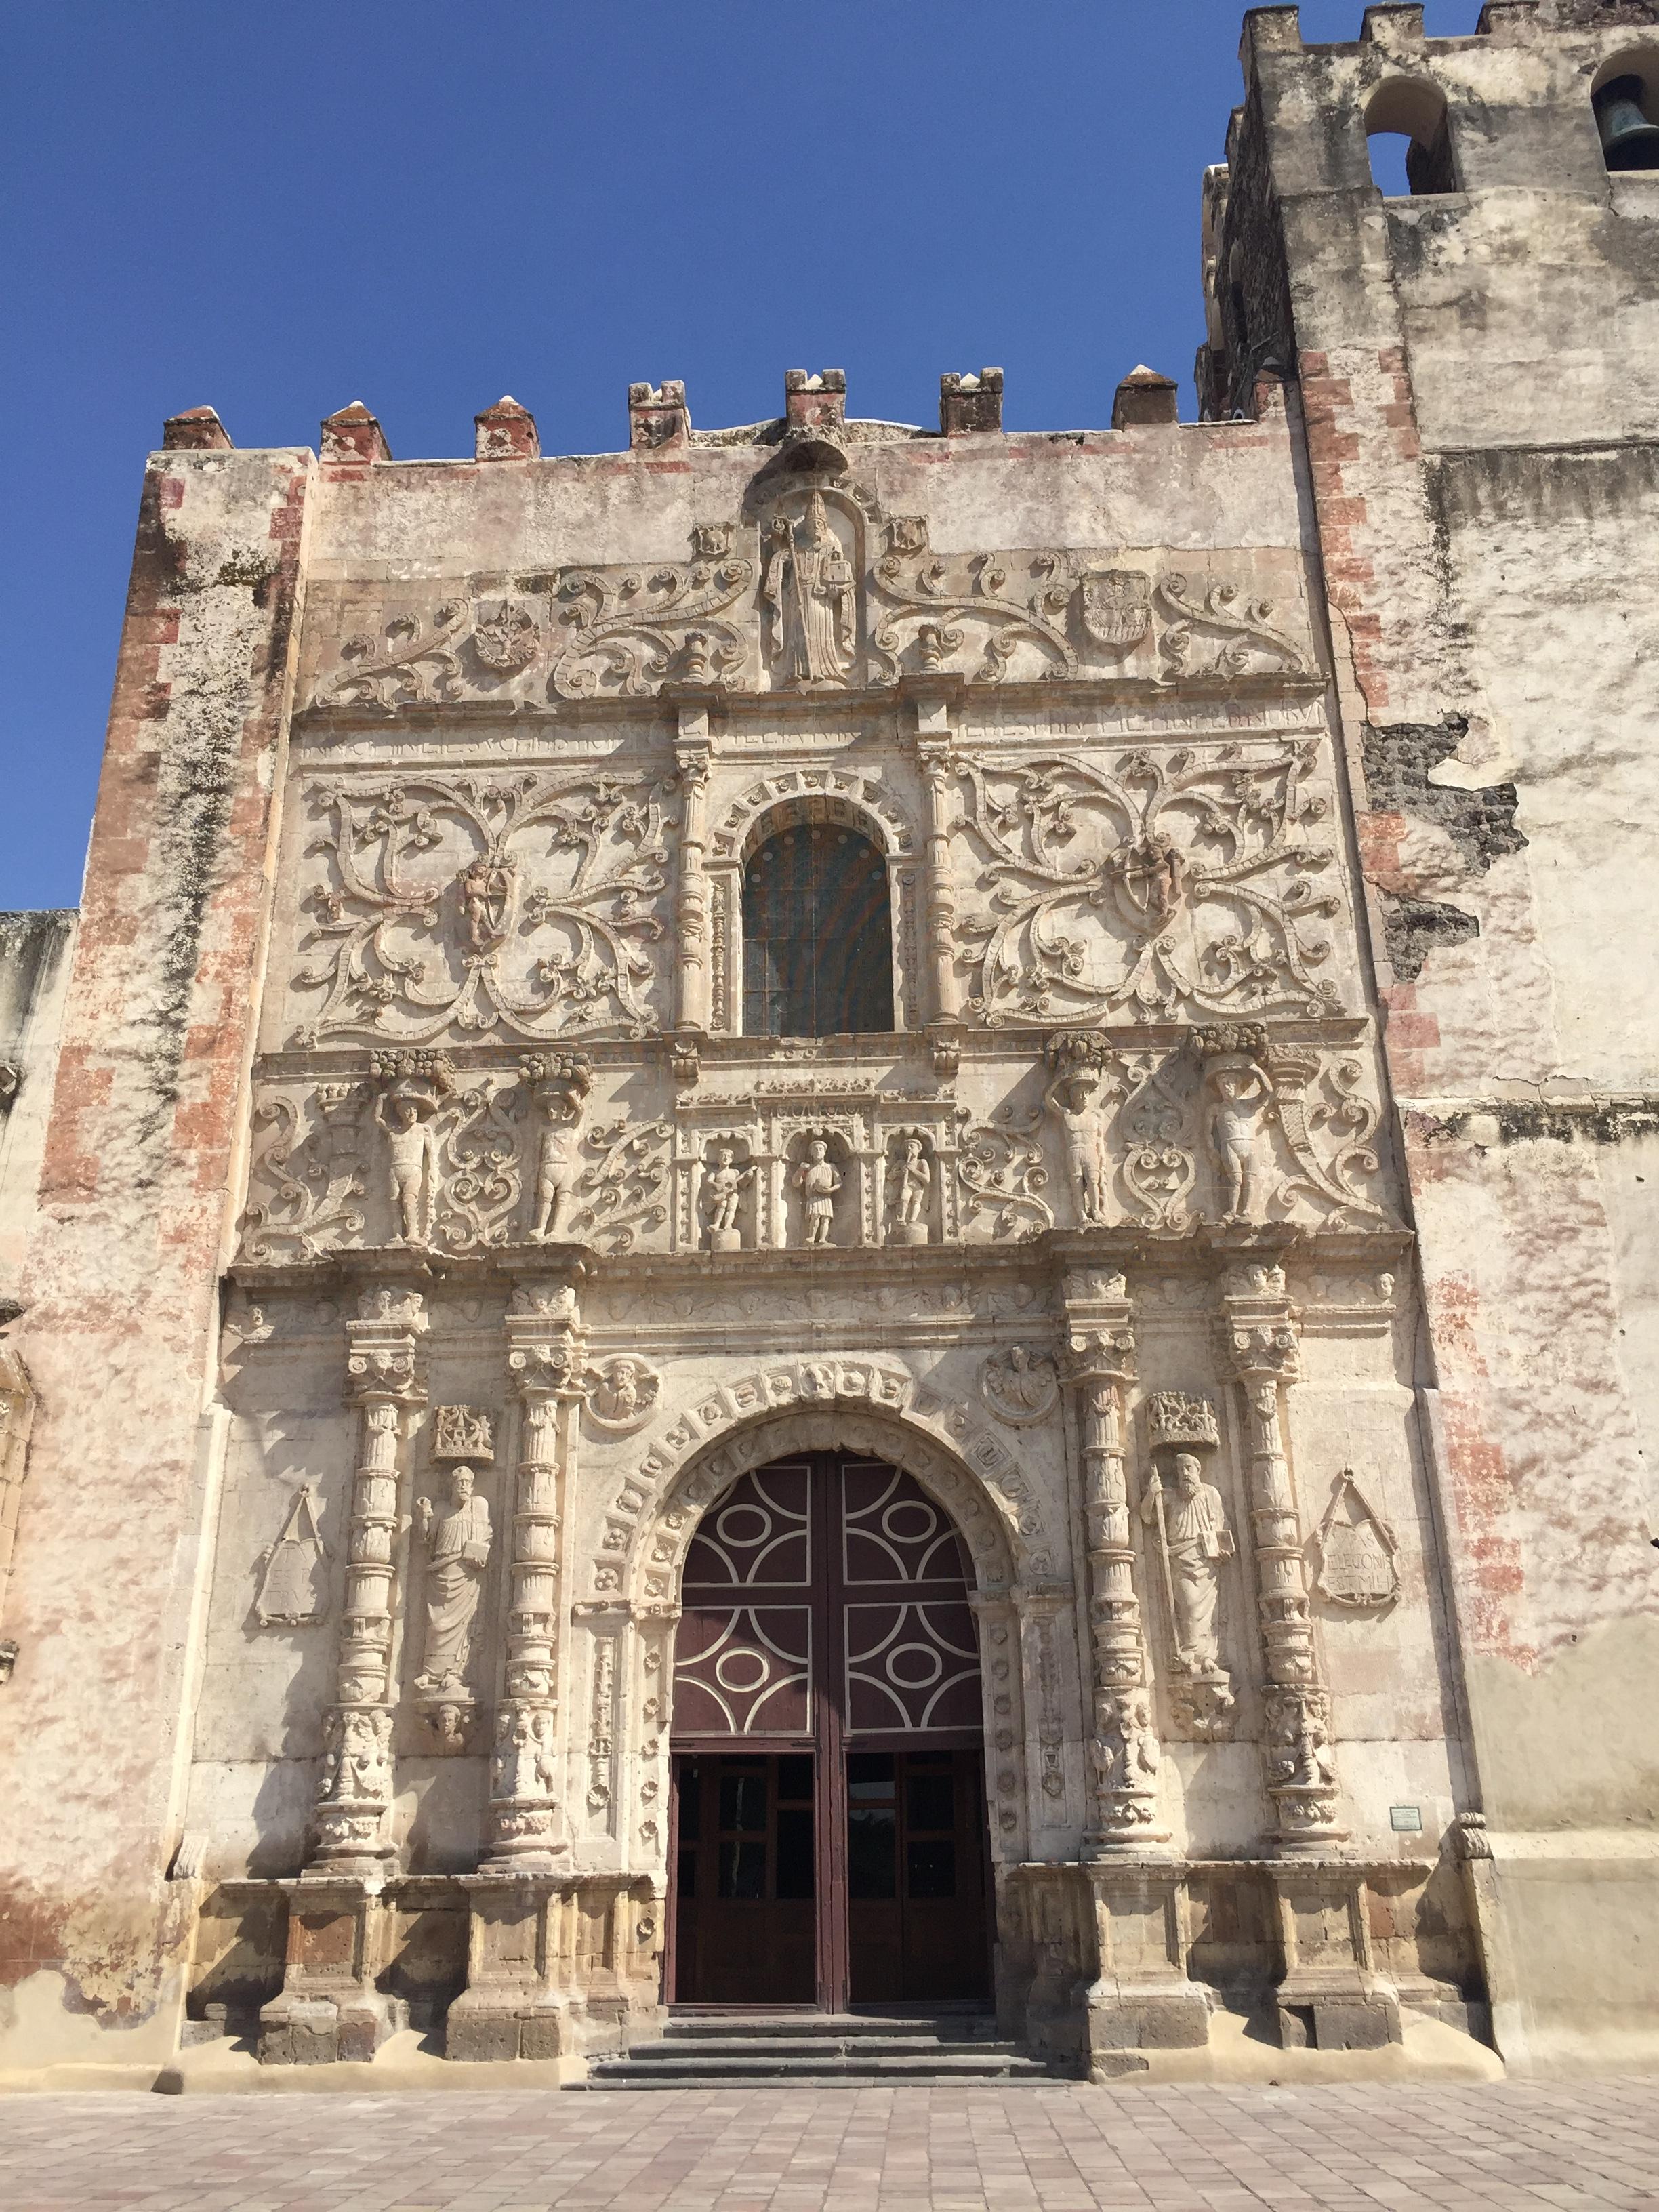 Paseo por mexico 12 - 3 part 8